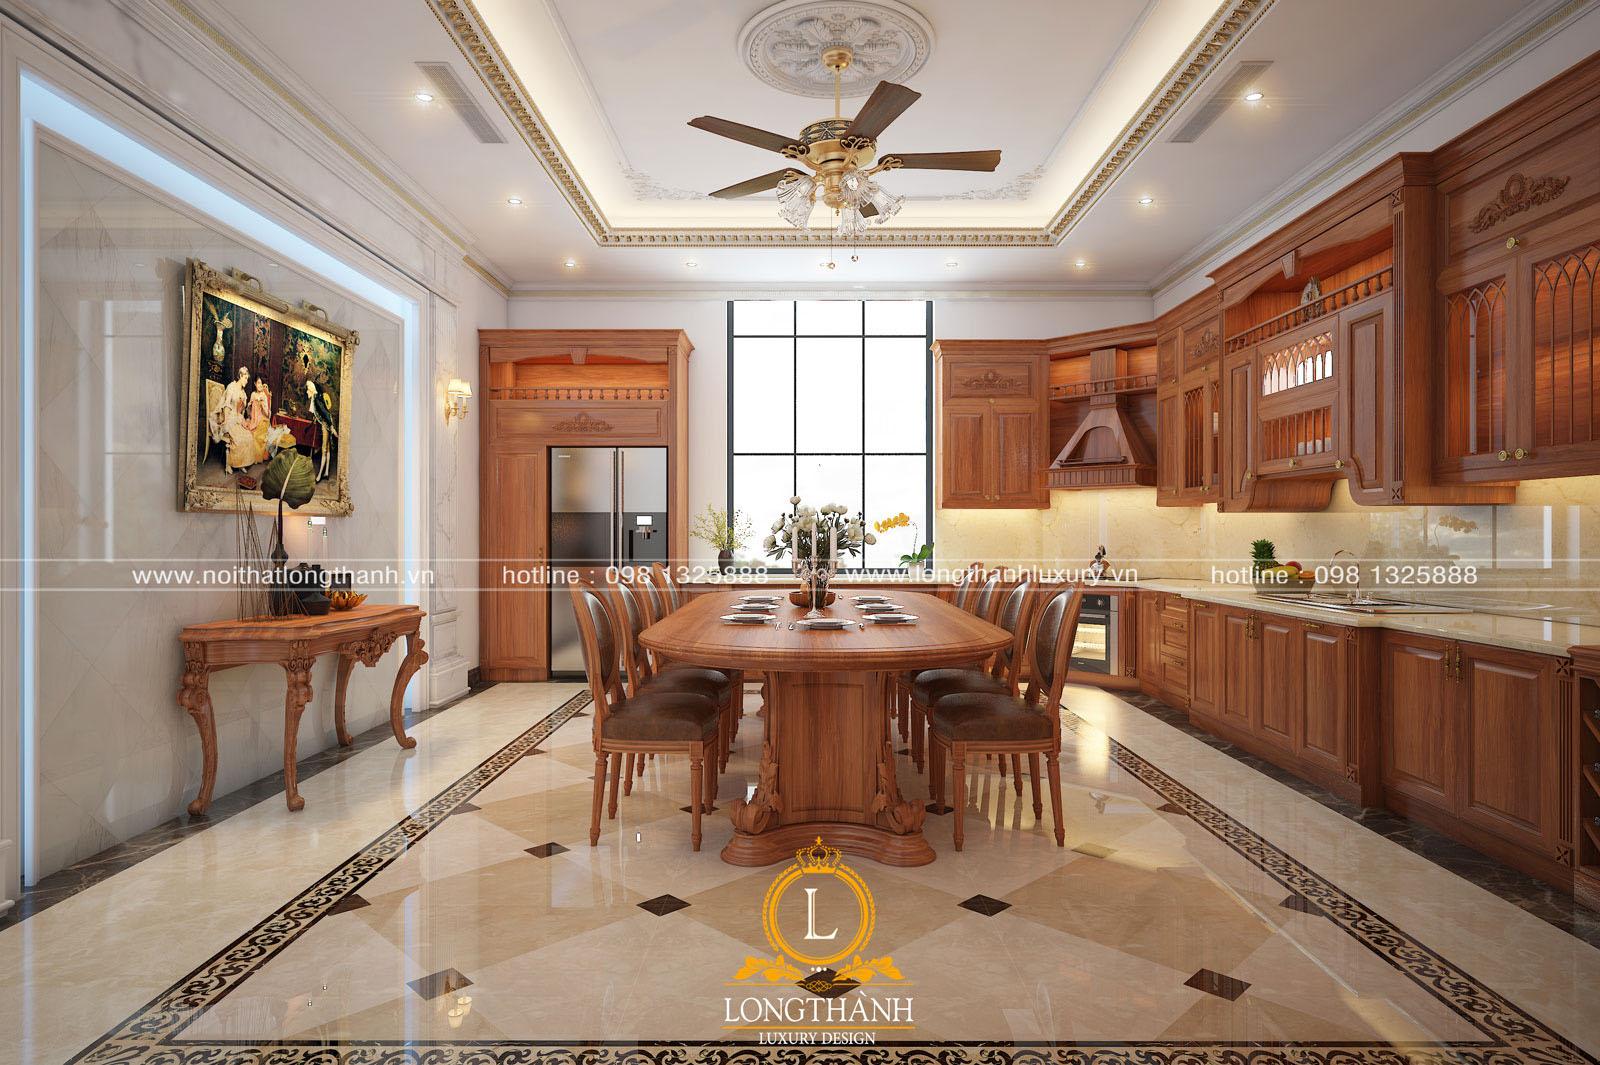 Cửa sổ lớn đón ánh sáng tự nhiên vào căn bếp